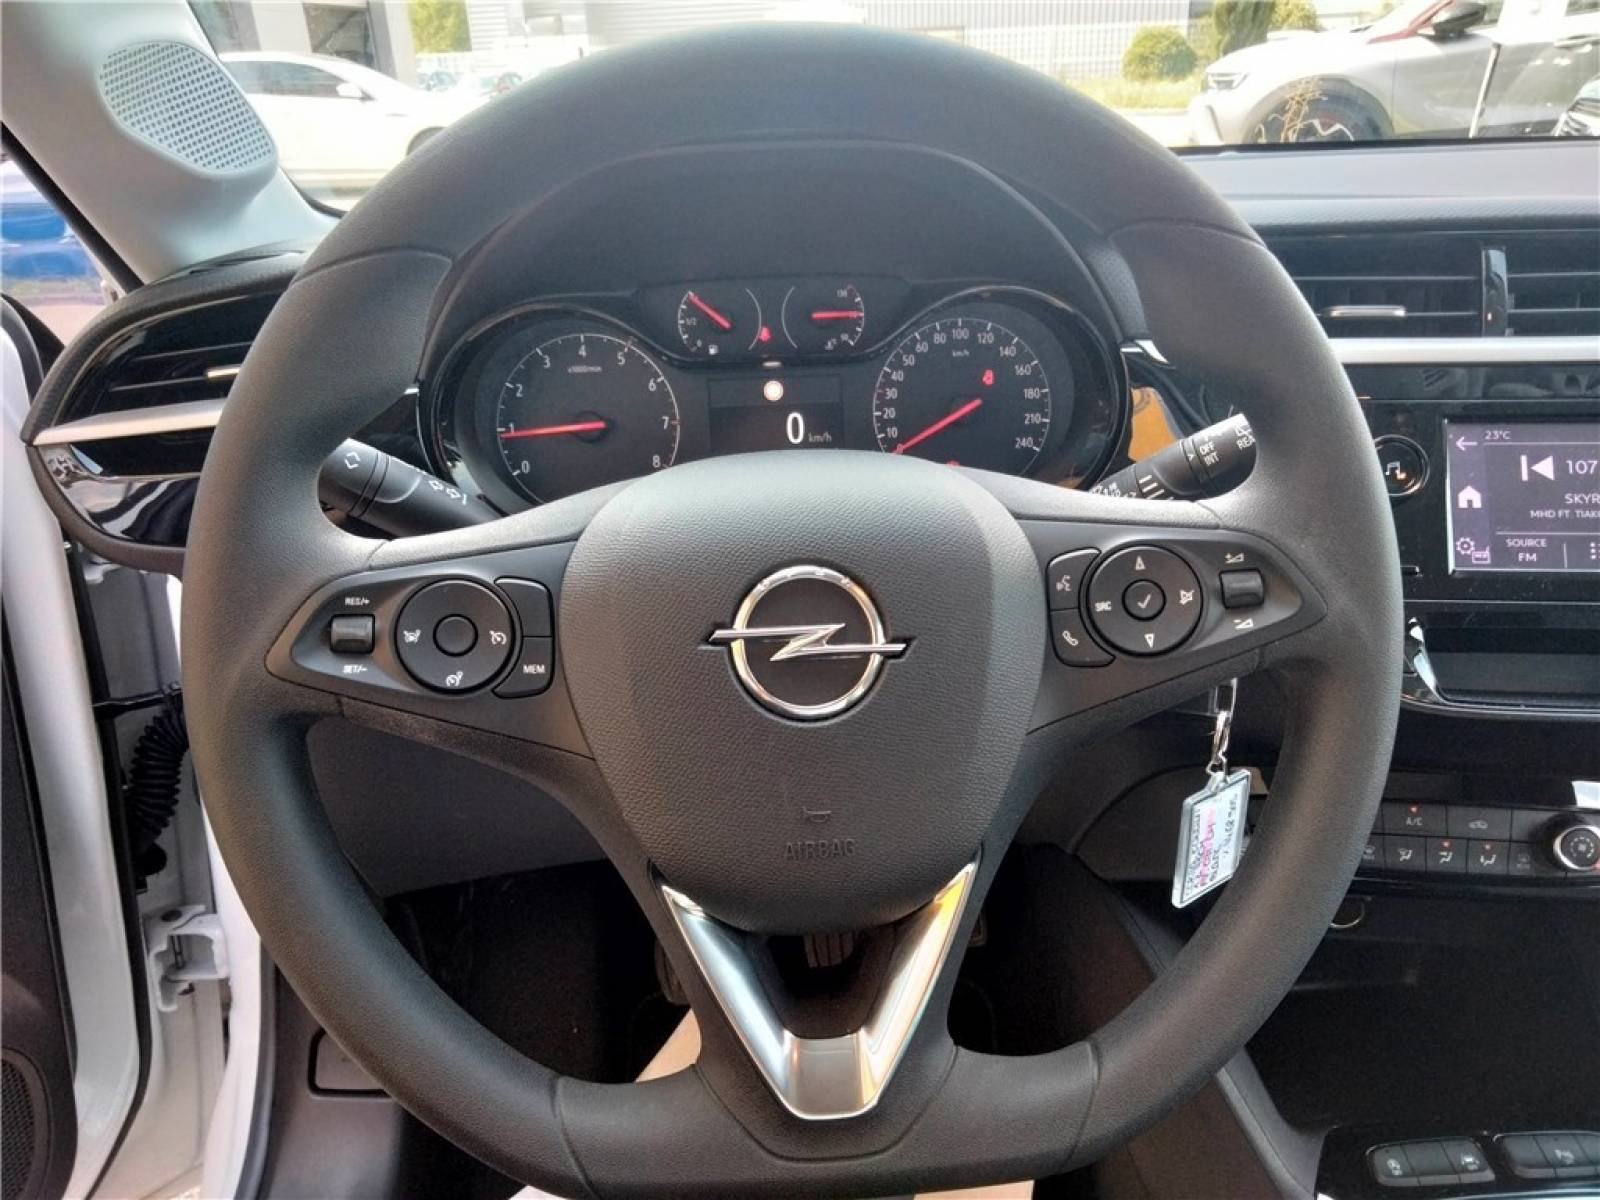 OPEL Corsa 1.2 75 ch BVM5 - véhicule d'occasion - Groupe Guillet - Opel Magicauto - Chalon-sur-Saône - 71380 - Saint-Marcel - 32